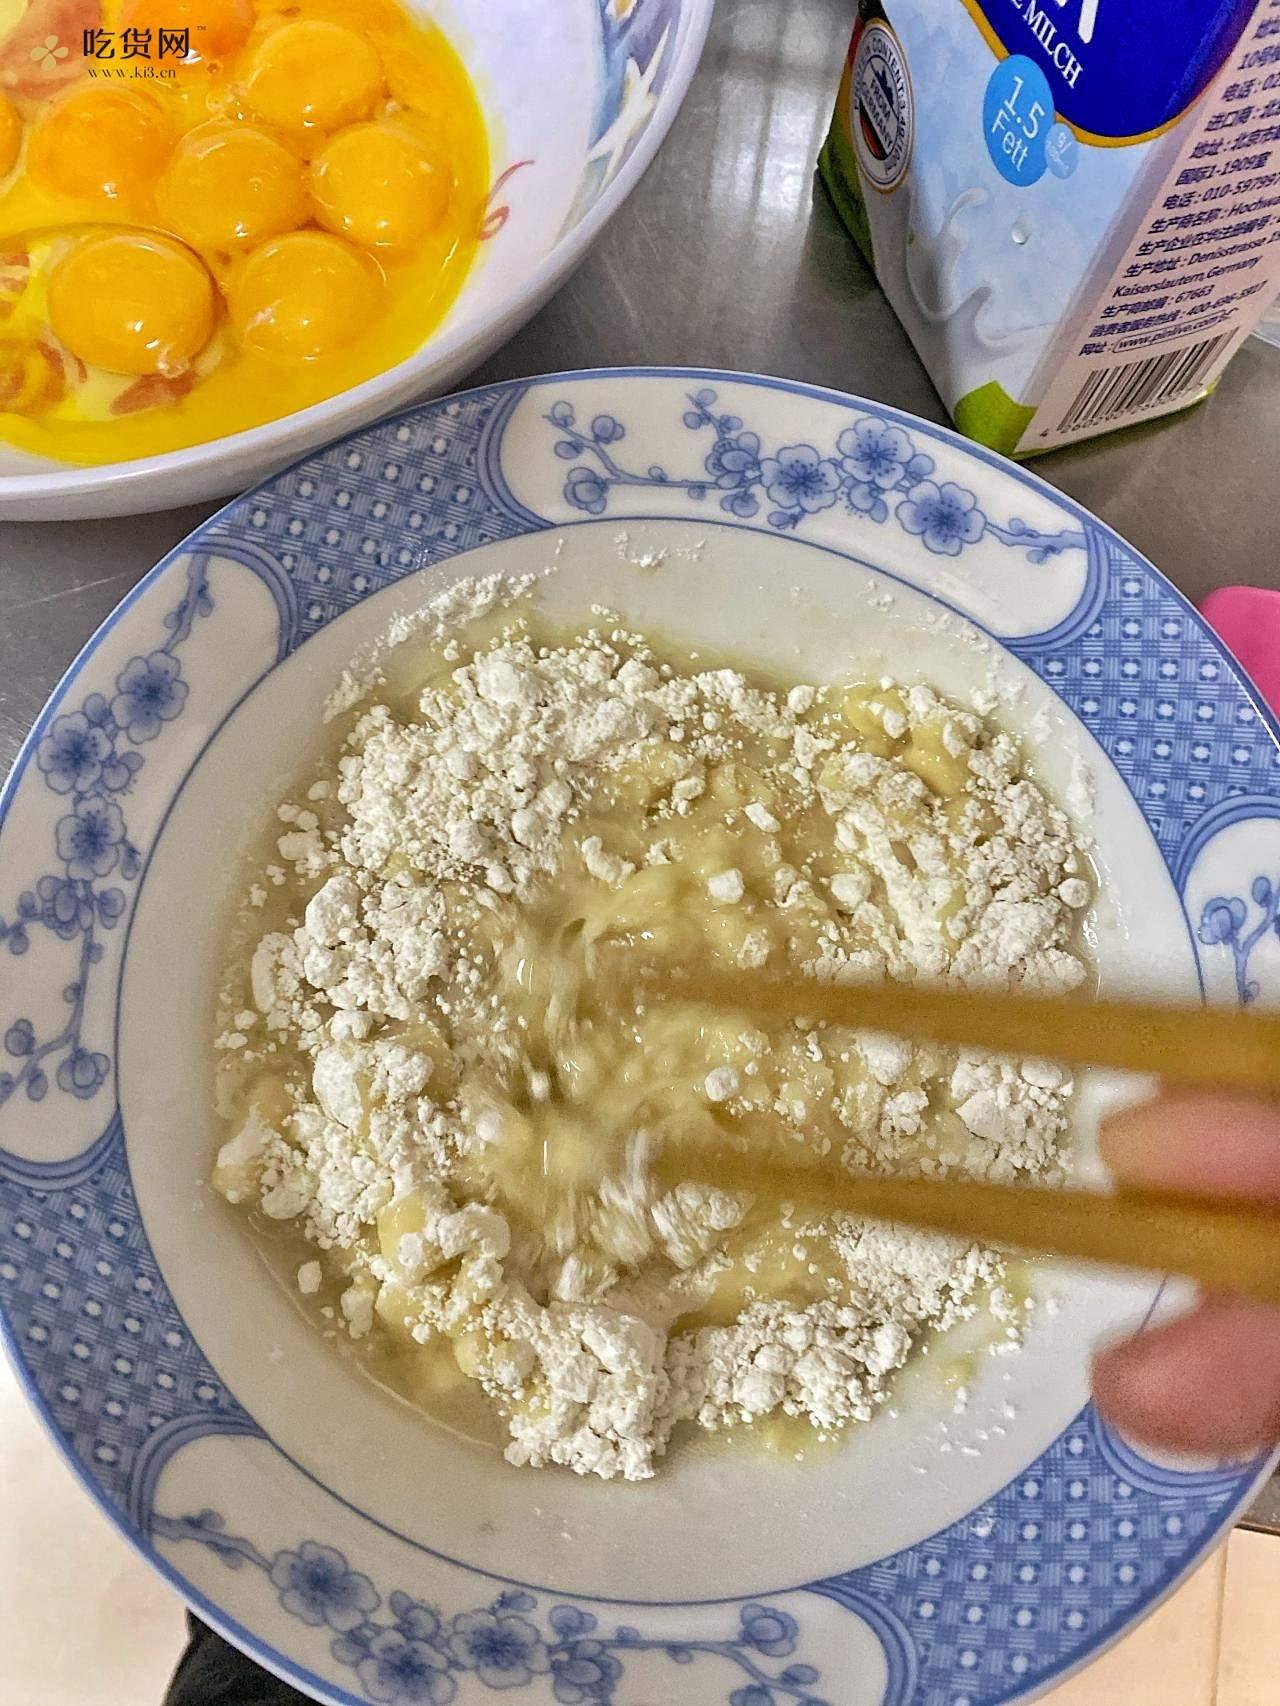 柯基屁屁🐕古早味蛋糕      咱们是蜂蜜口味哒的做法 步骤9